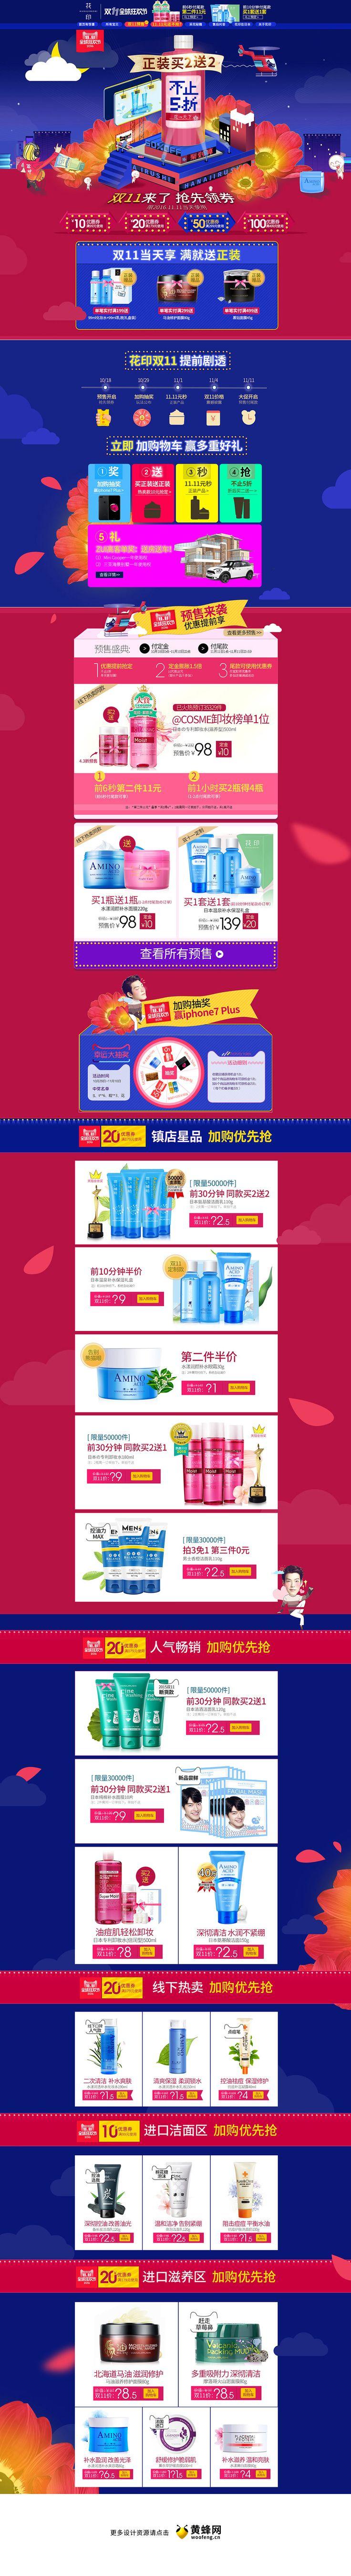 花印美妆美容美发护肤化妆品天猫双11预售双十一预售首页页面设计 更多设计资源尽在黄蜂网http://woofeng.cn/